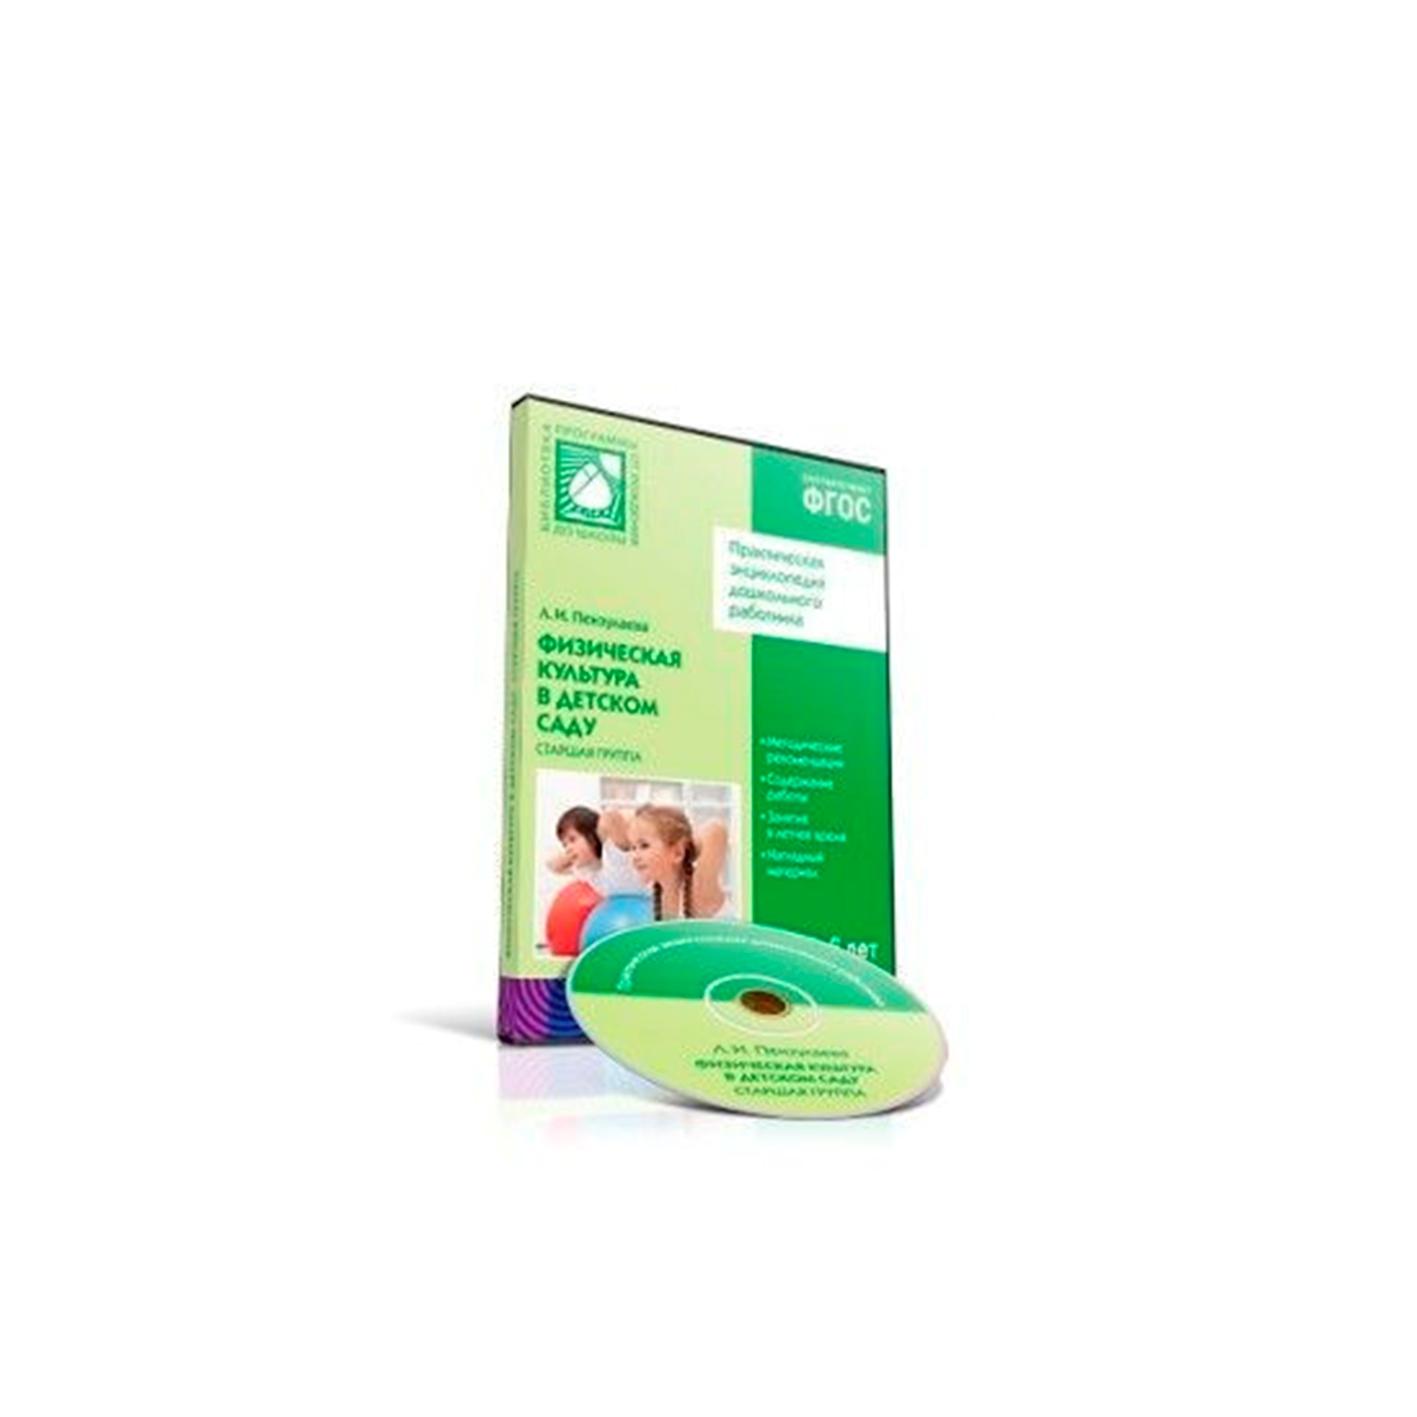 CD-диск с обучающей программой – Физическая культура в детском саду, 5-6 лет, старшая группаЧтение для родителей<br>CD-диск с обучающей программой – Физическая культура в детском саду, 5-6 лет, старшая группа<br>